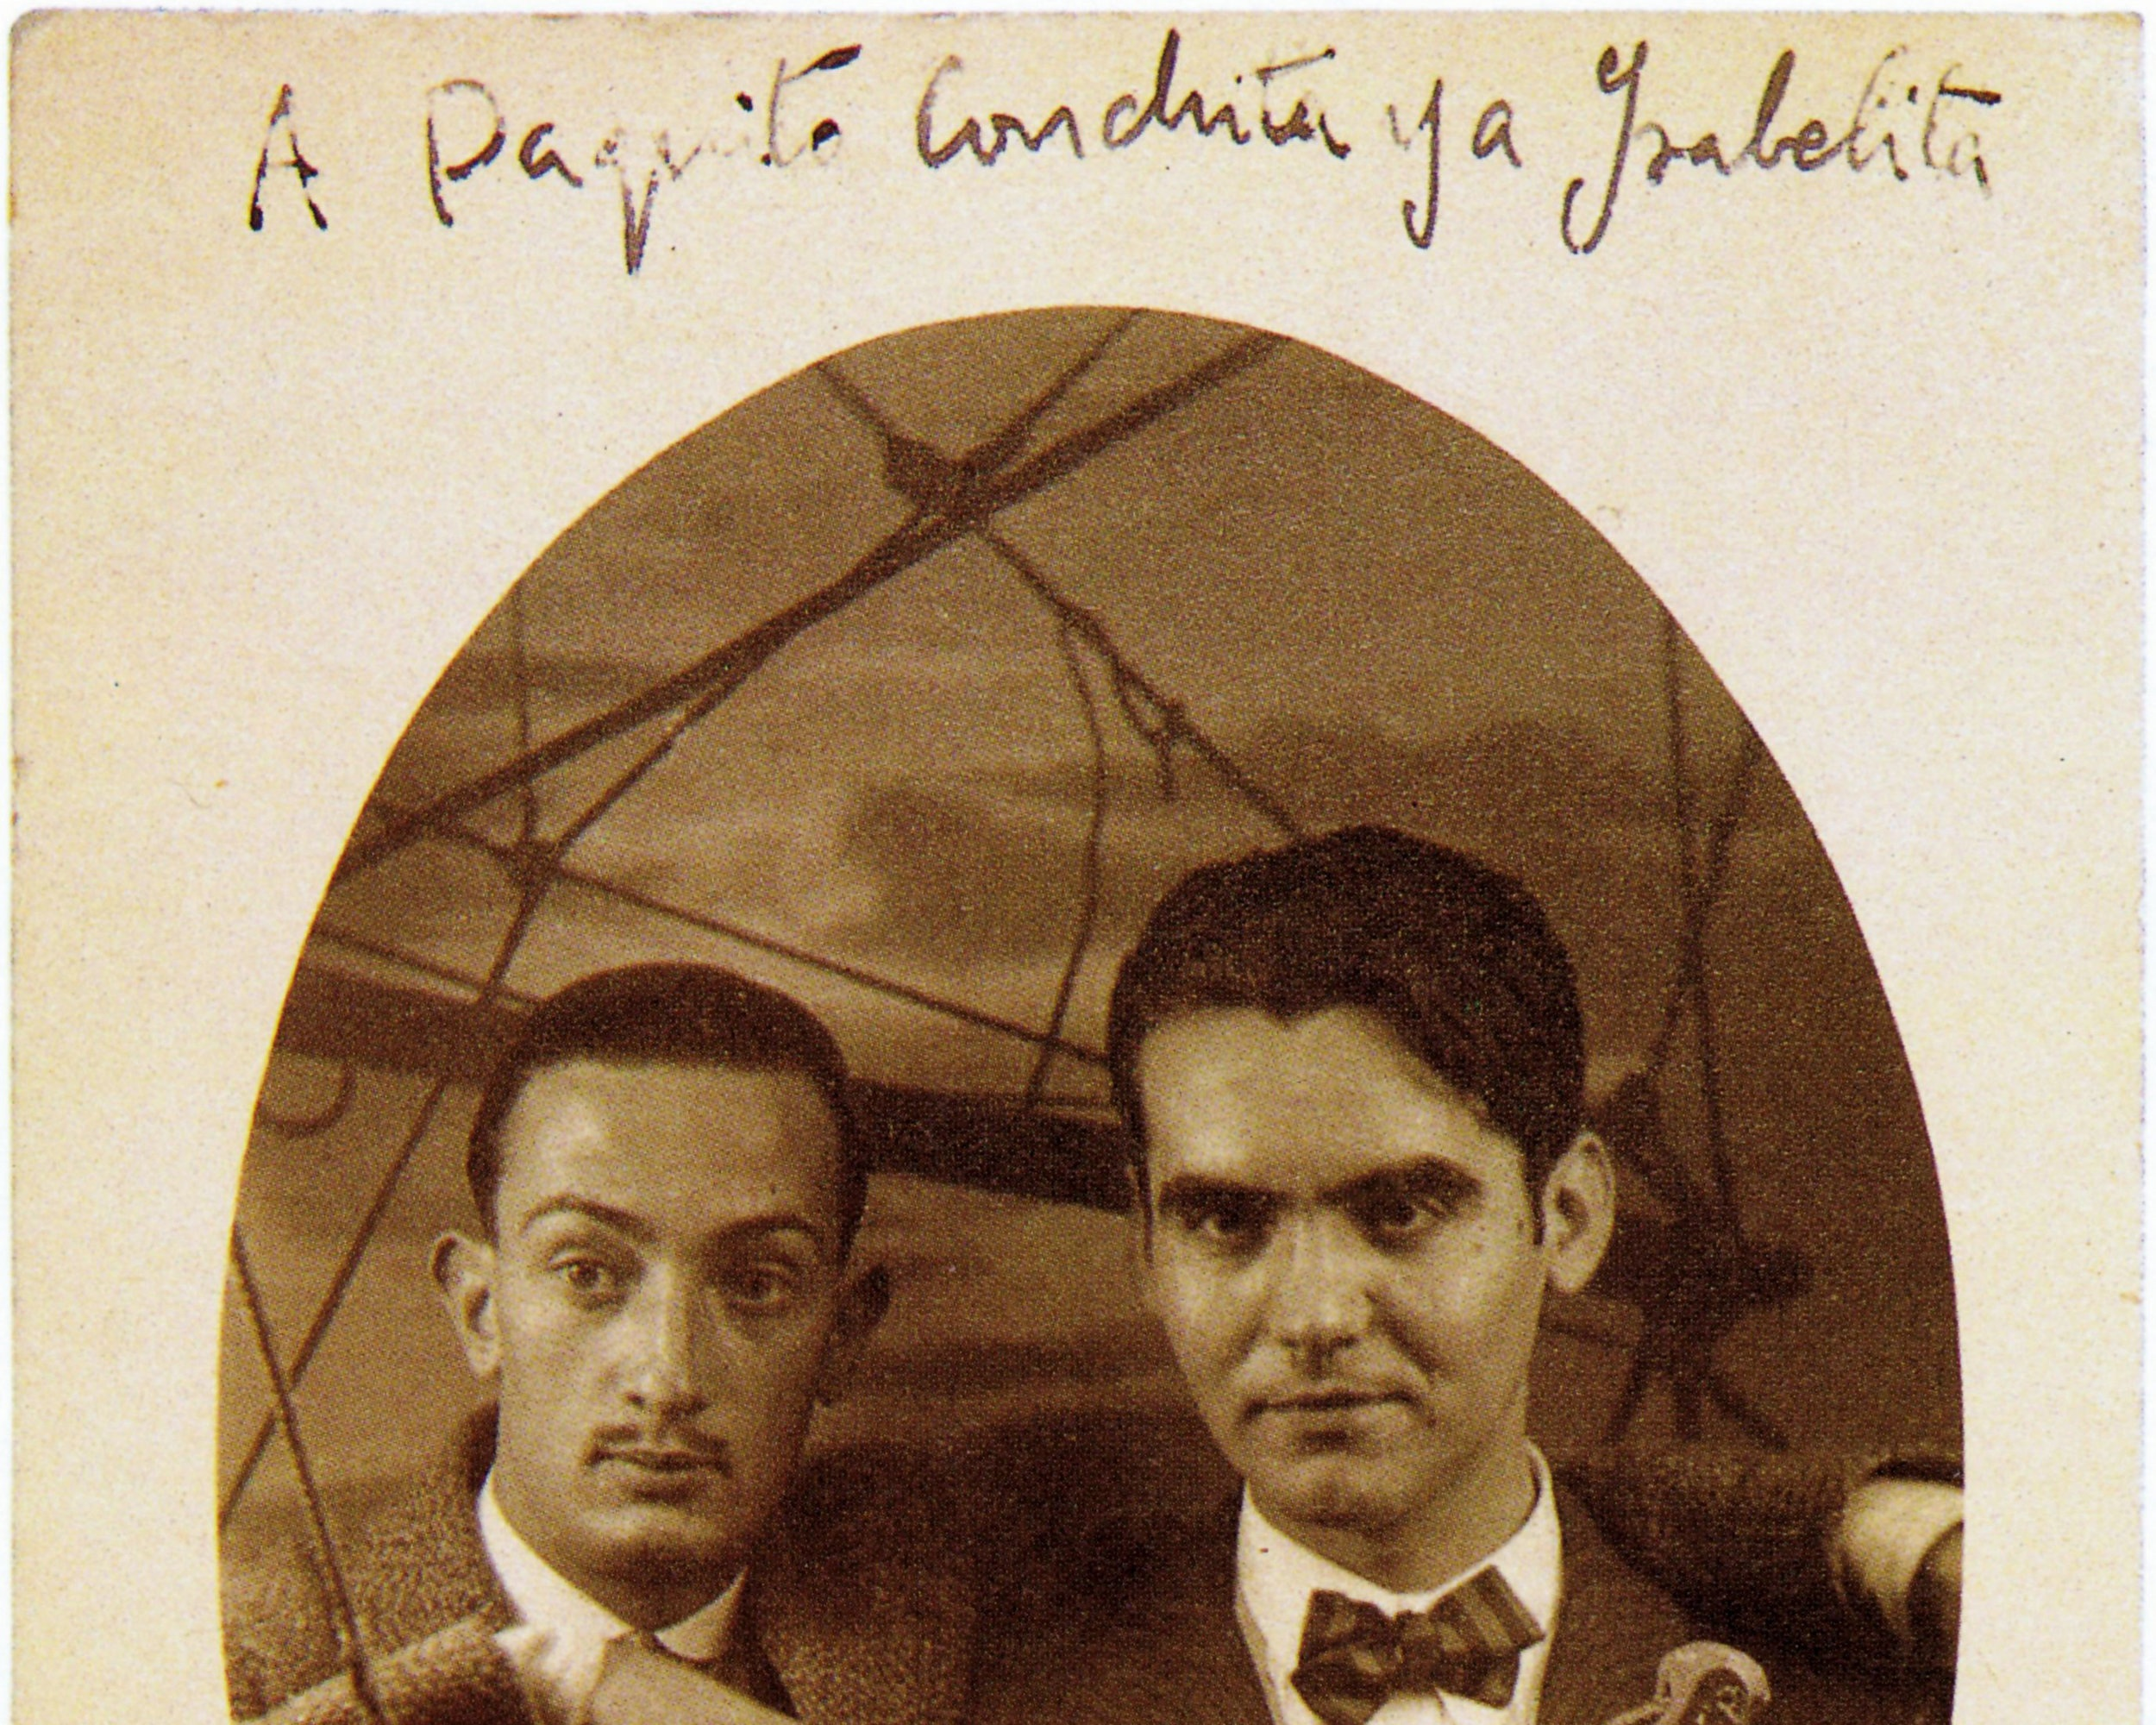 Lorca (till höger) med sin vän, konstnären Dalí.